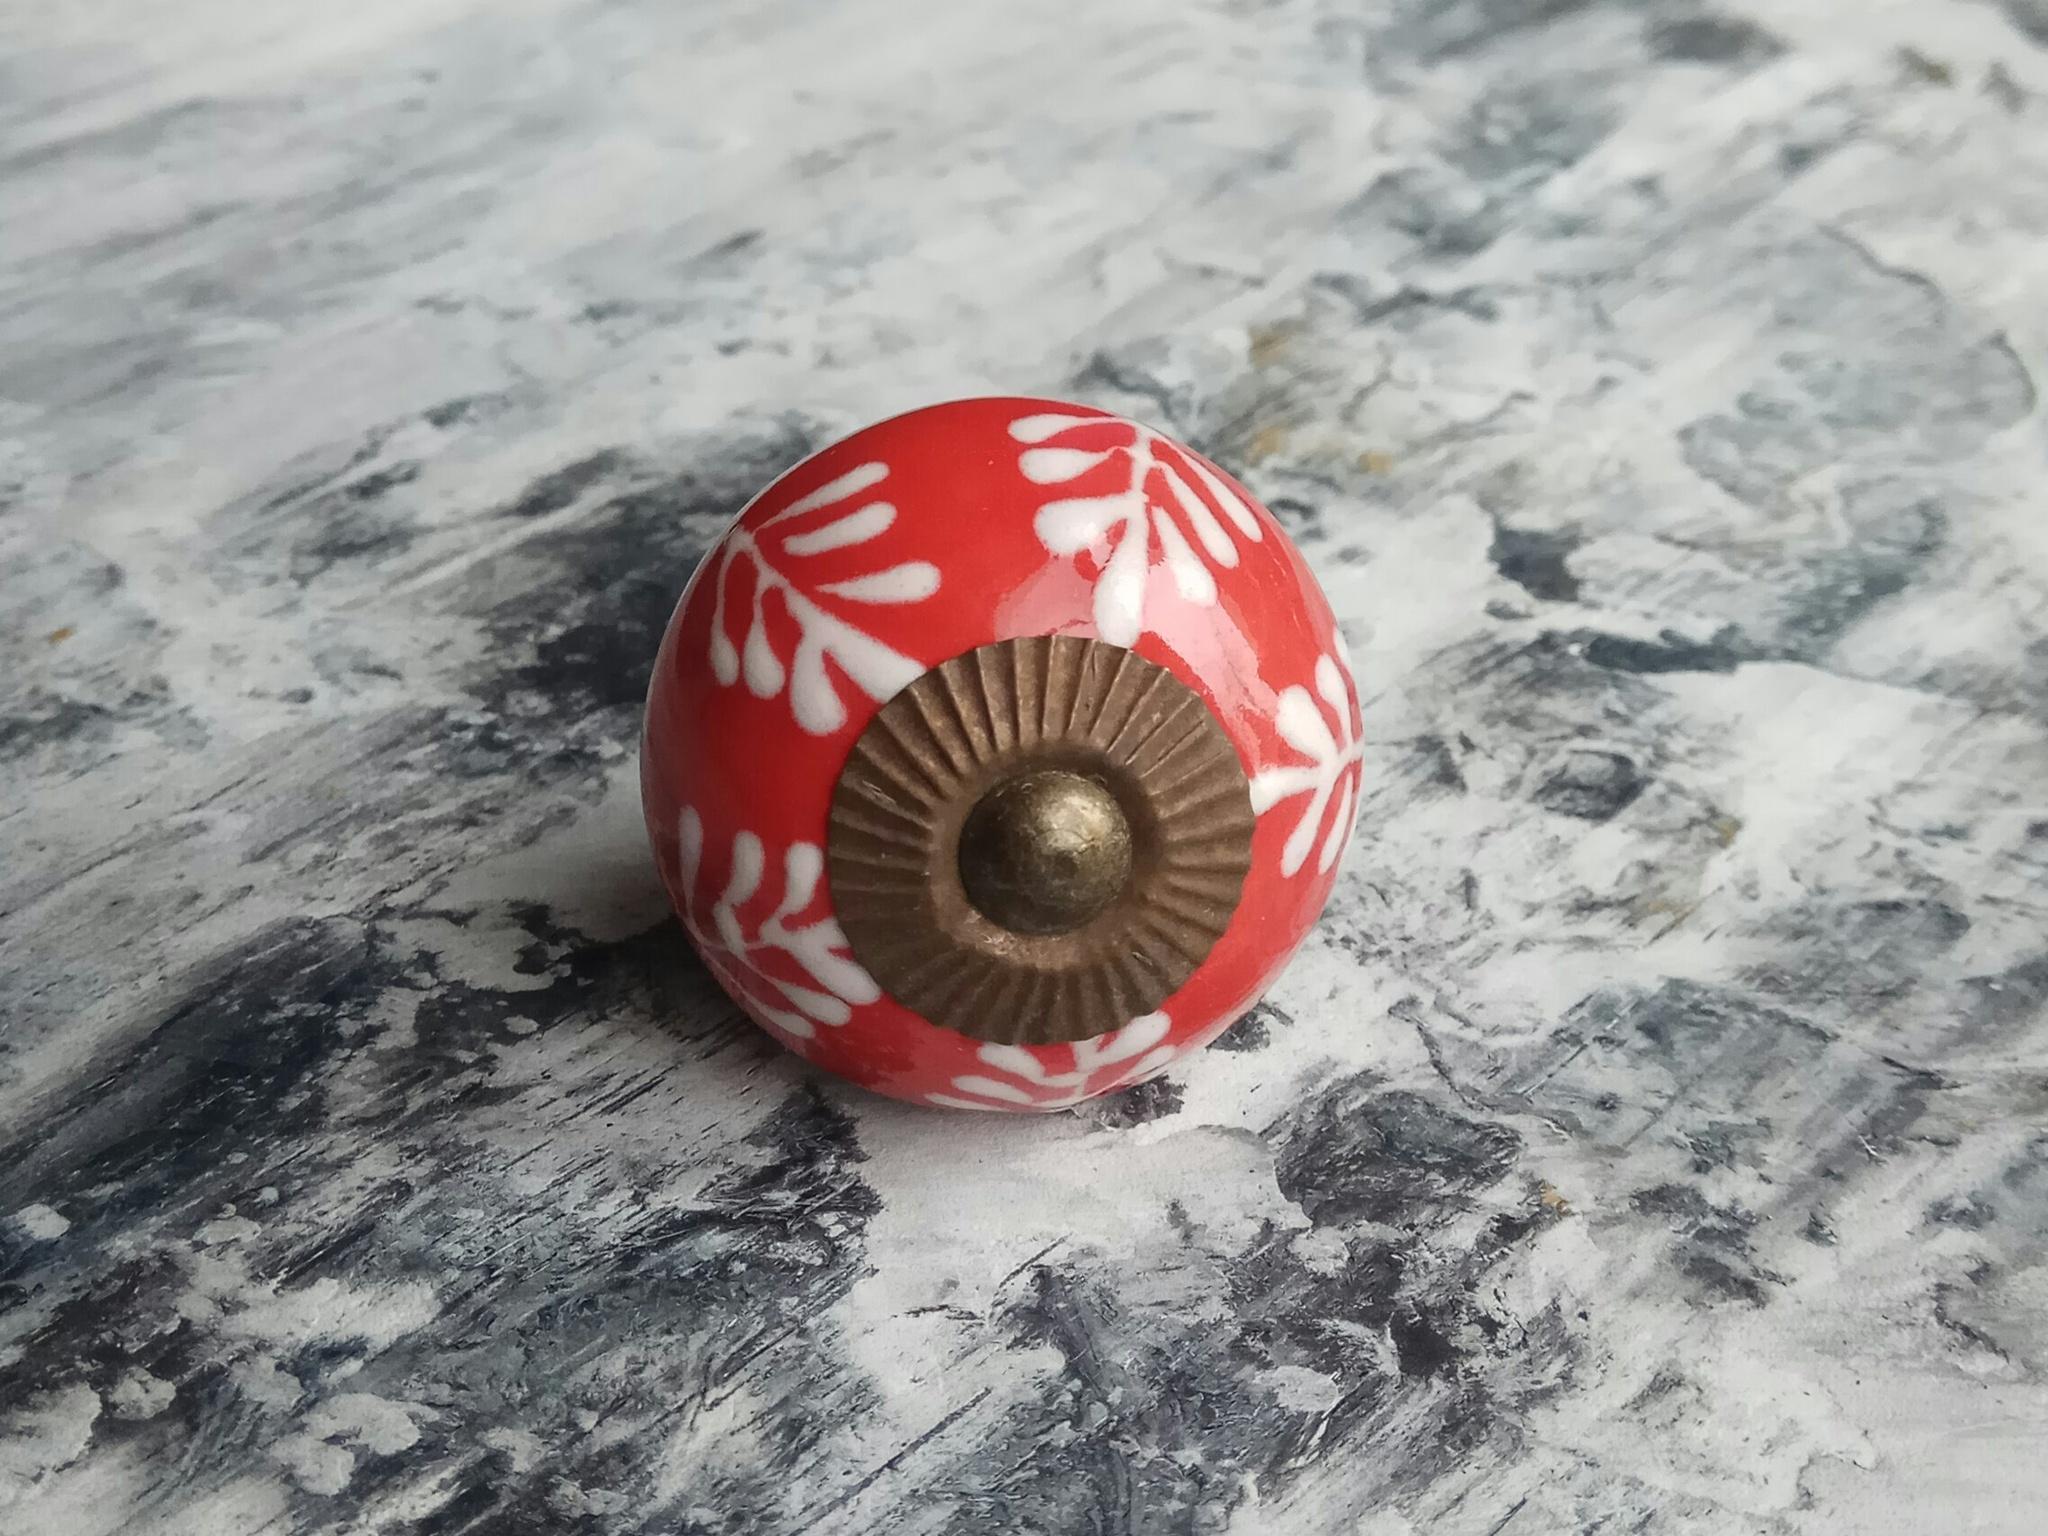 Ручка мебельная керамическая   - красная с белым узором